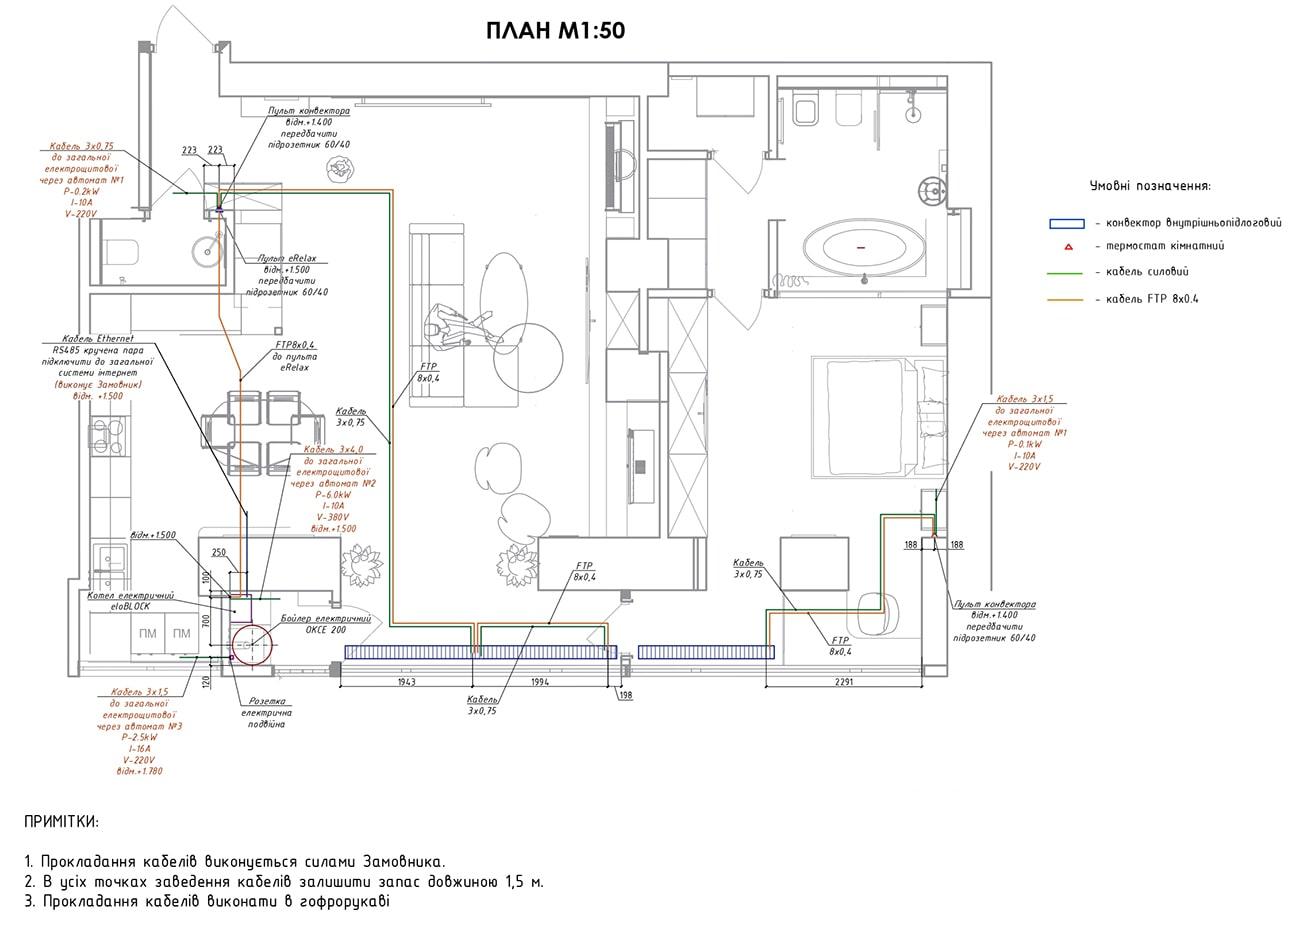 Прокладка кабелів по квартирі